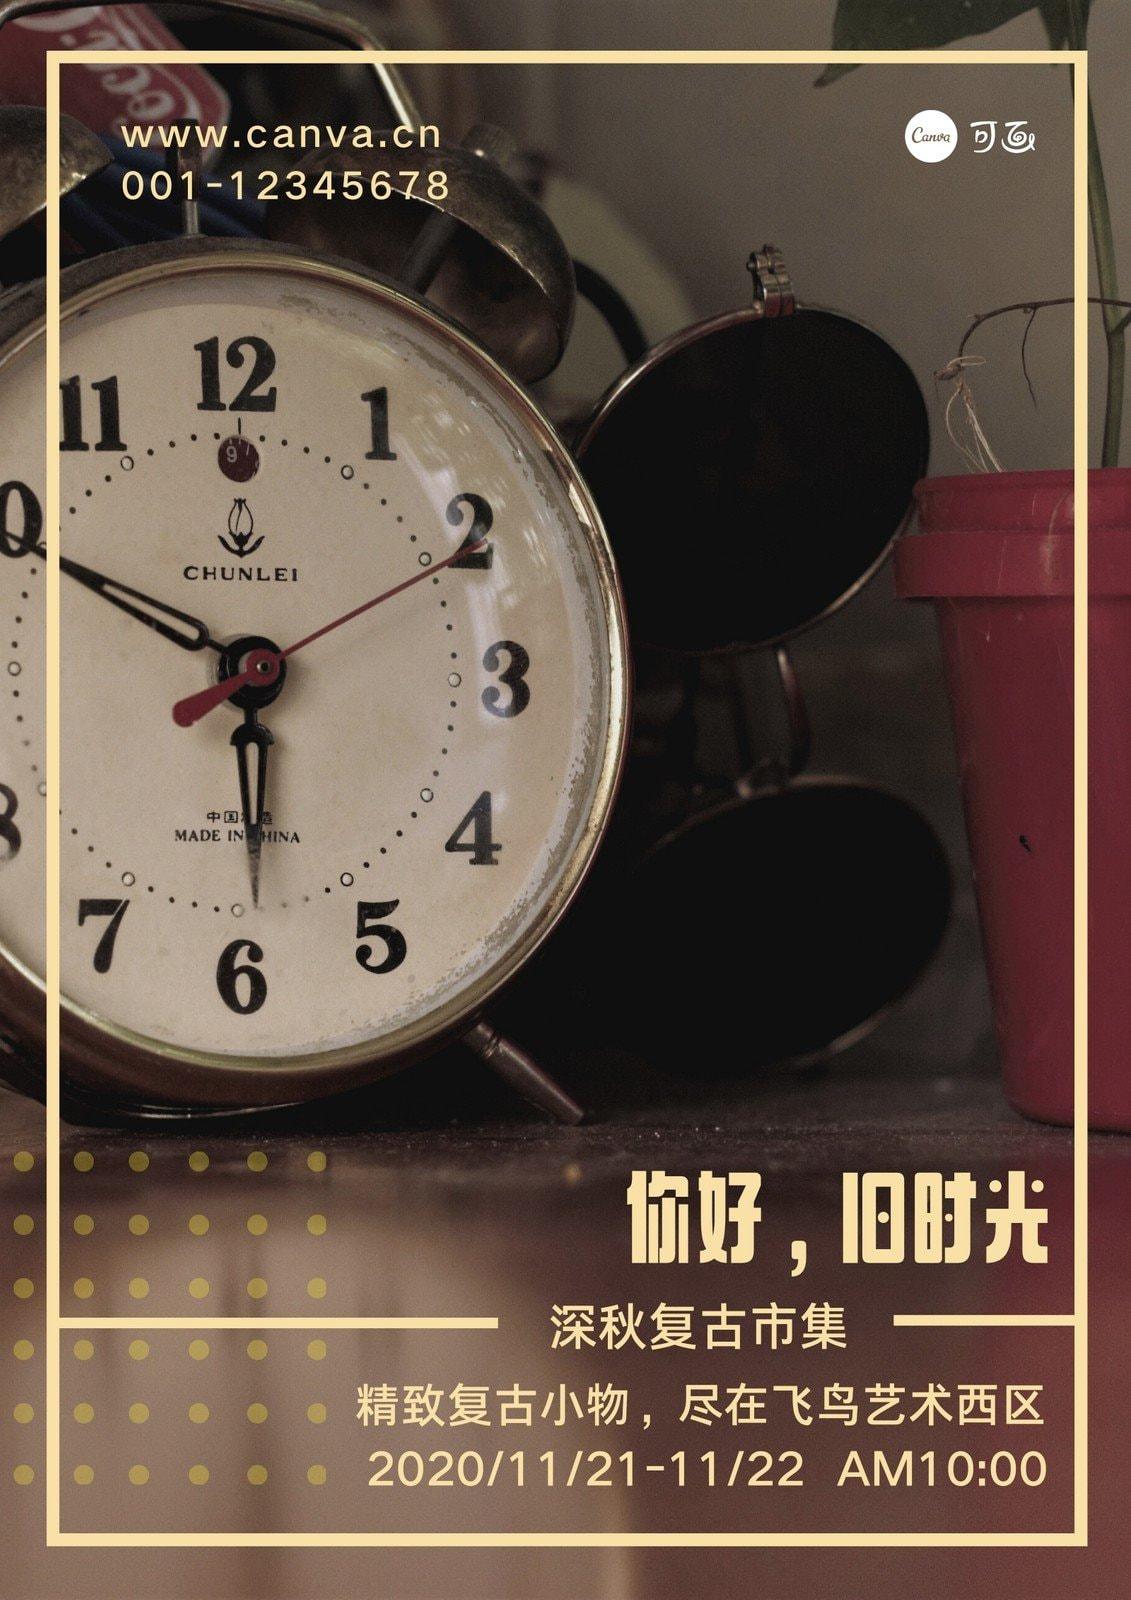 褐黄色时钟简约活动活动中文海报